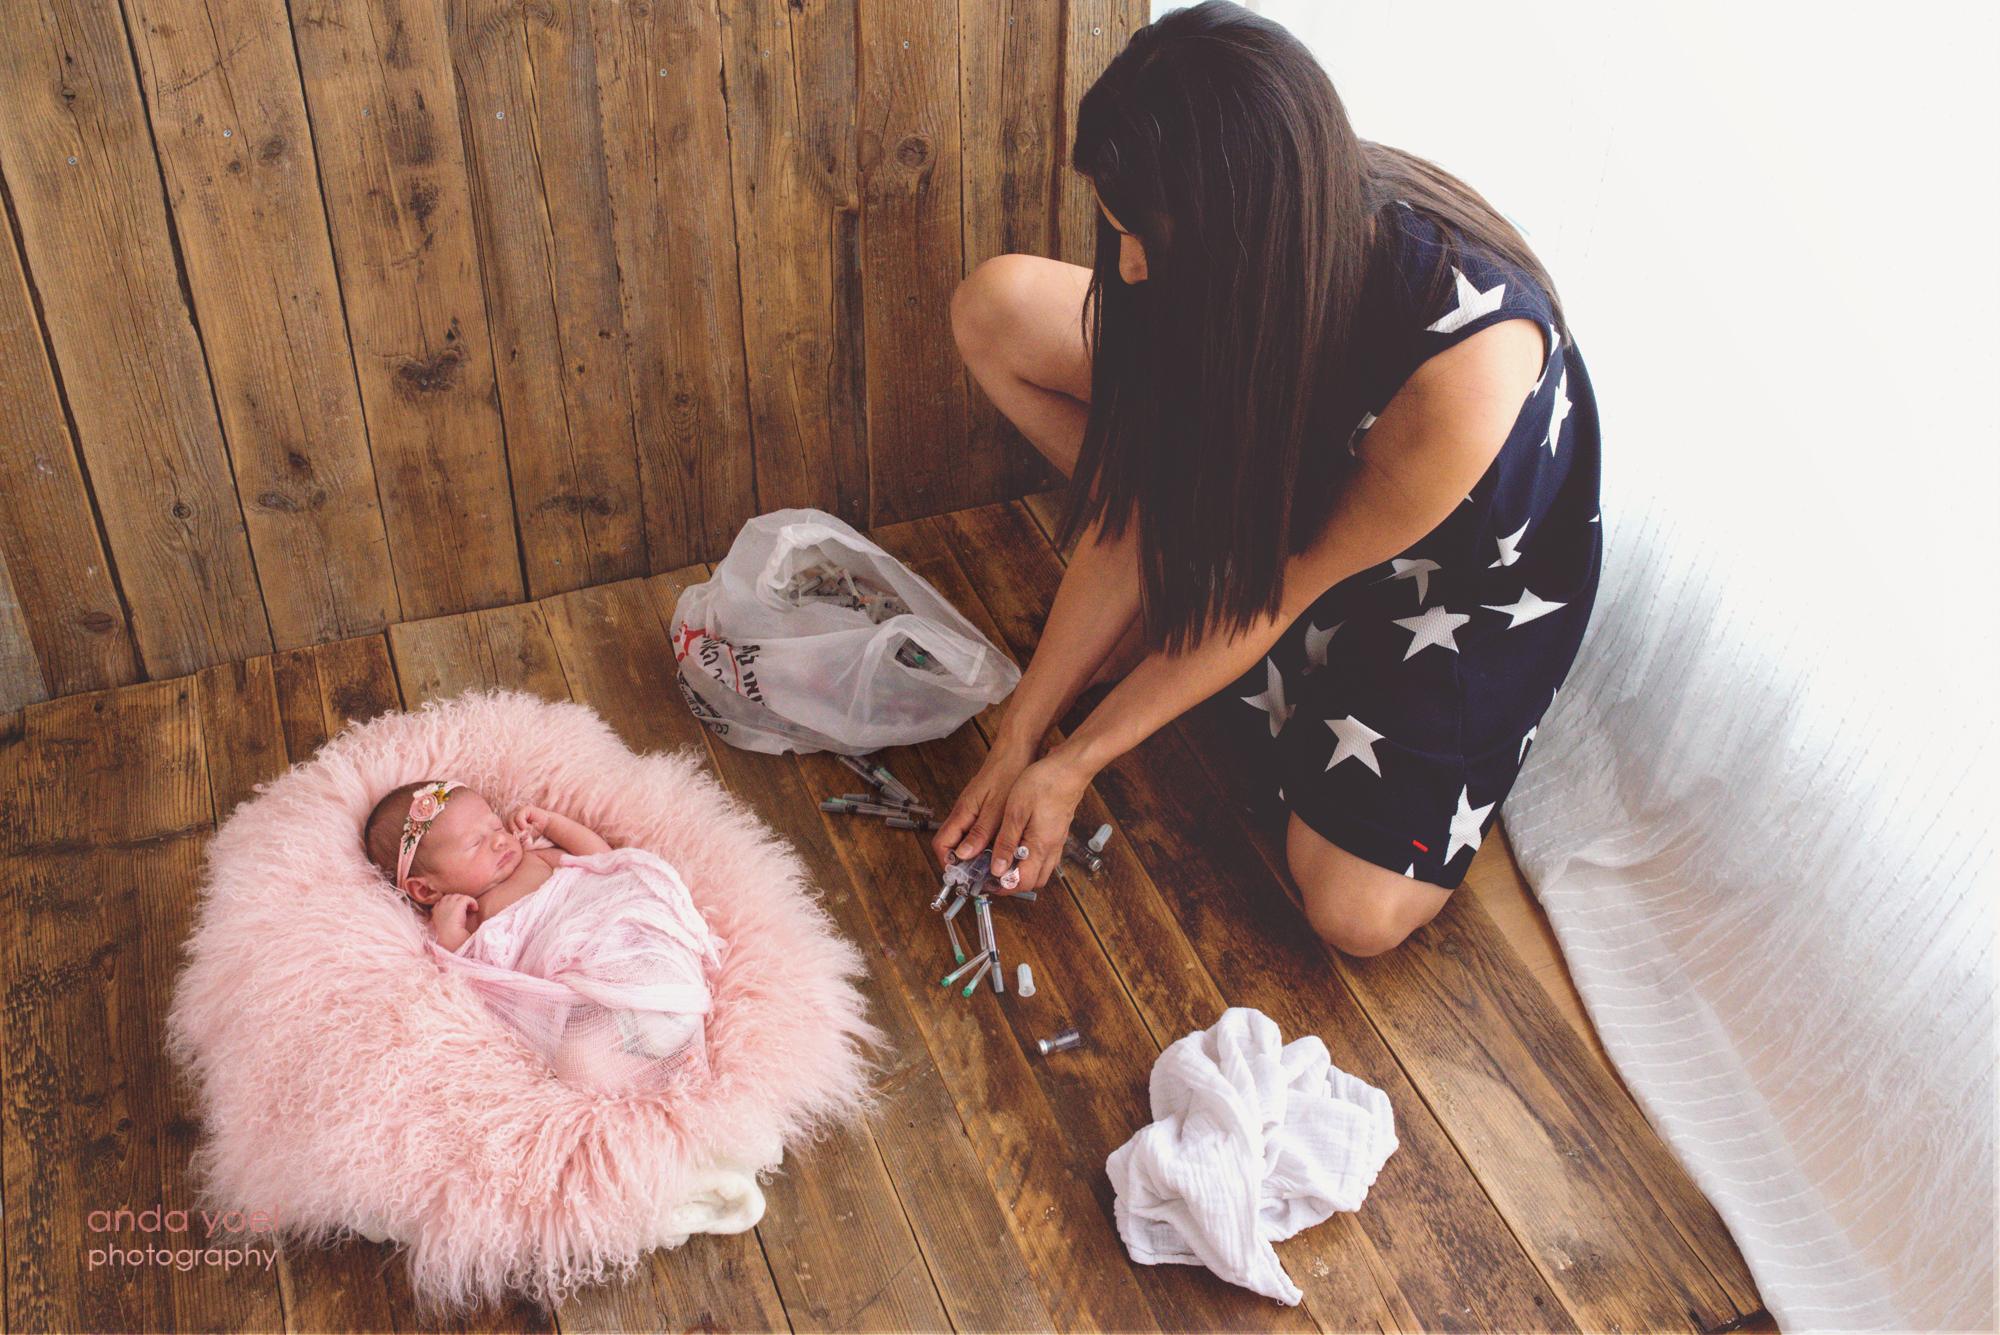 אמא שילדה לאחר טיפולי פוריות מסדרת את מזרקי הטיפולים בצורת לב - צילום אנדה יואל